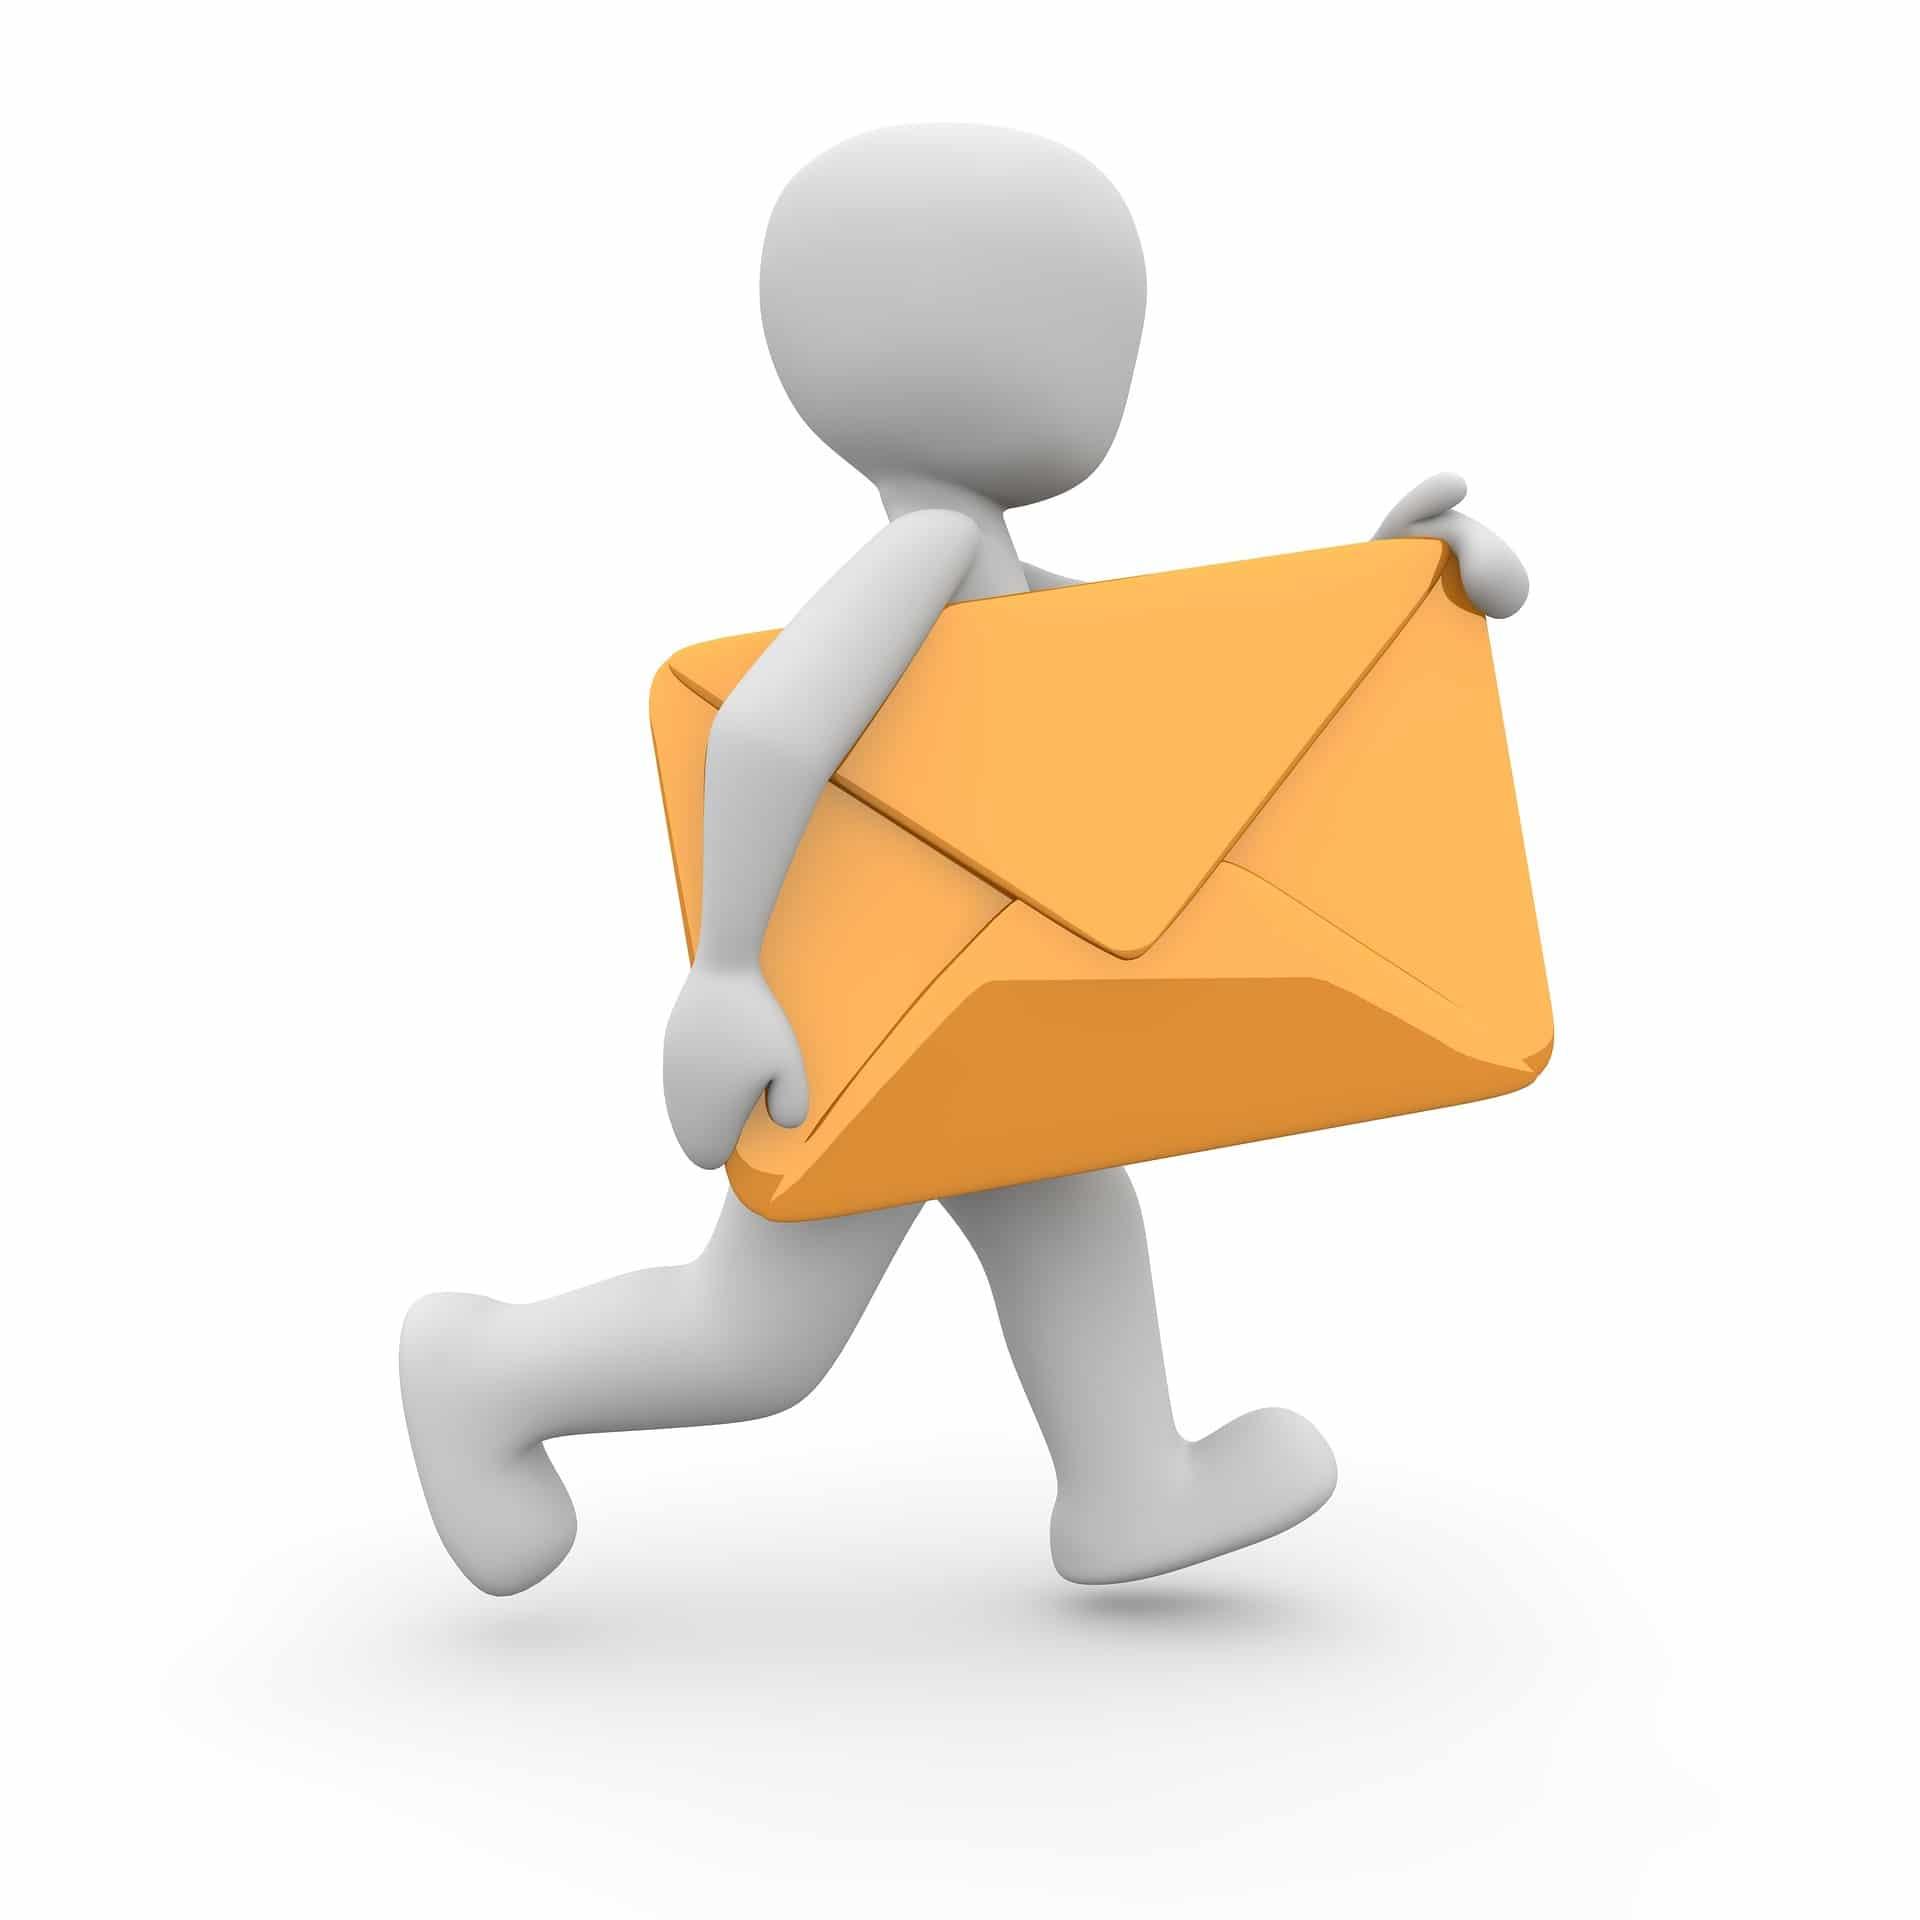 emailguy